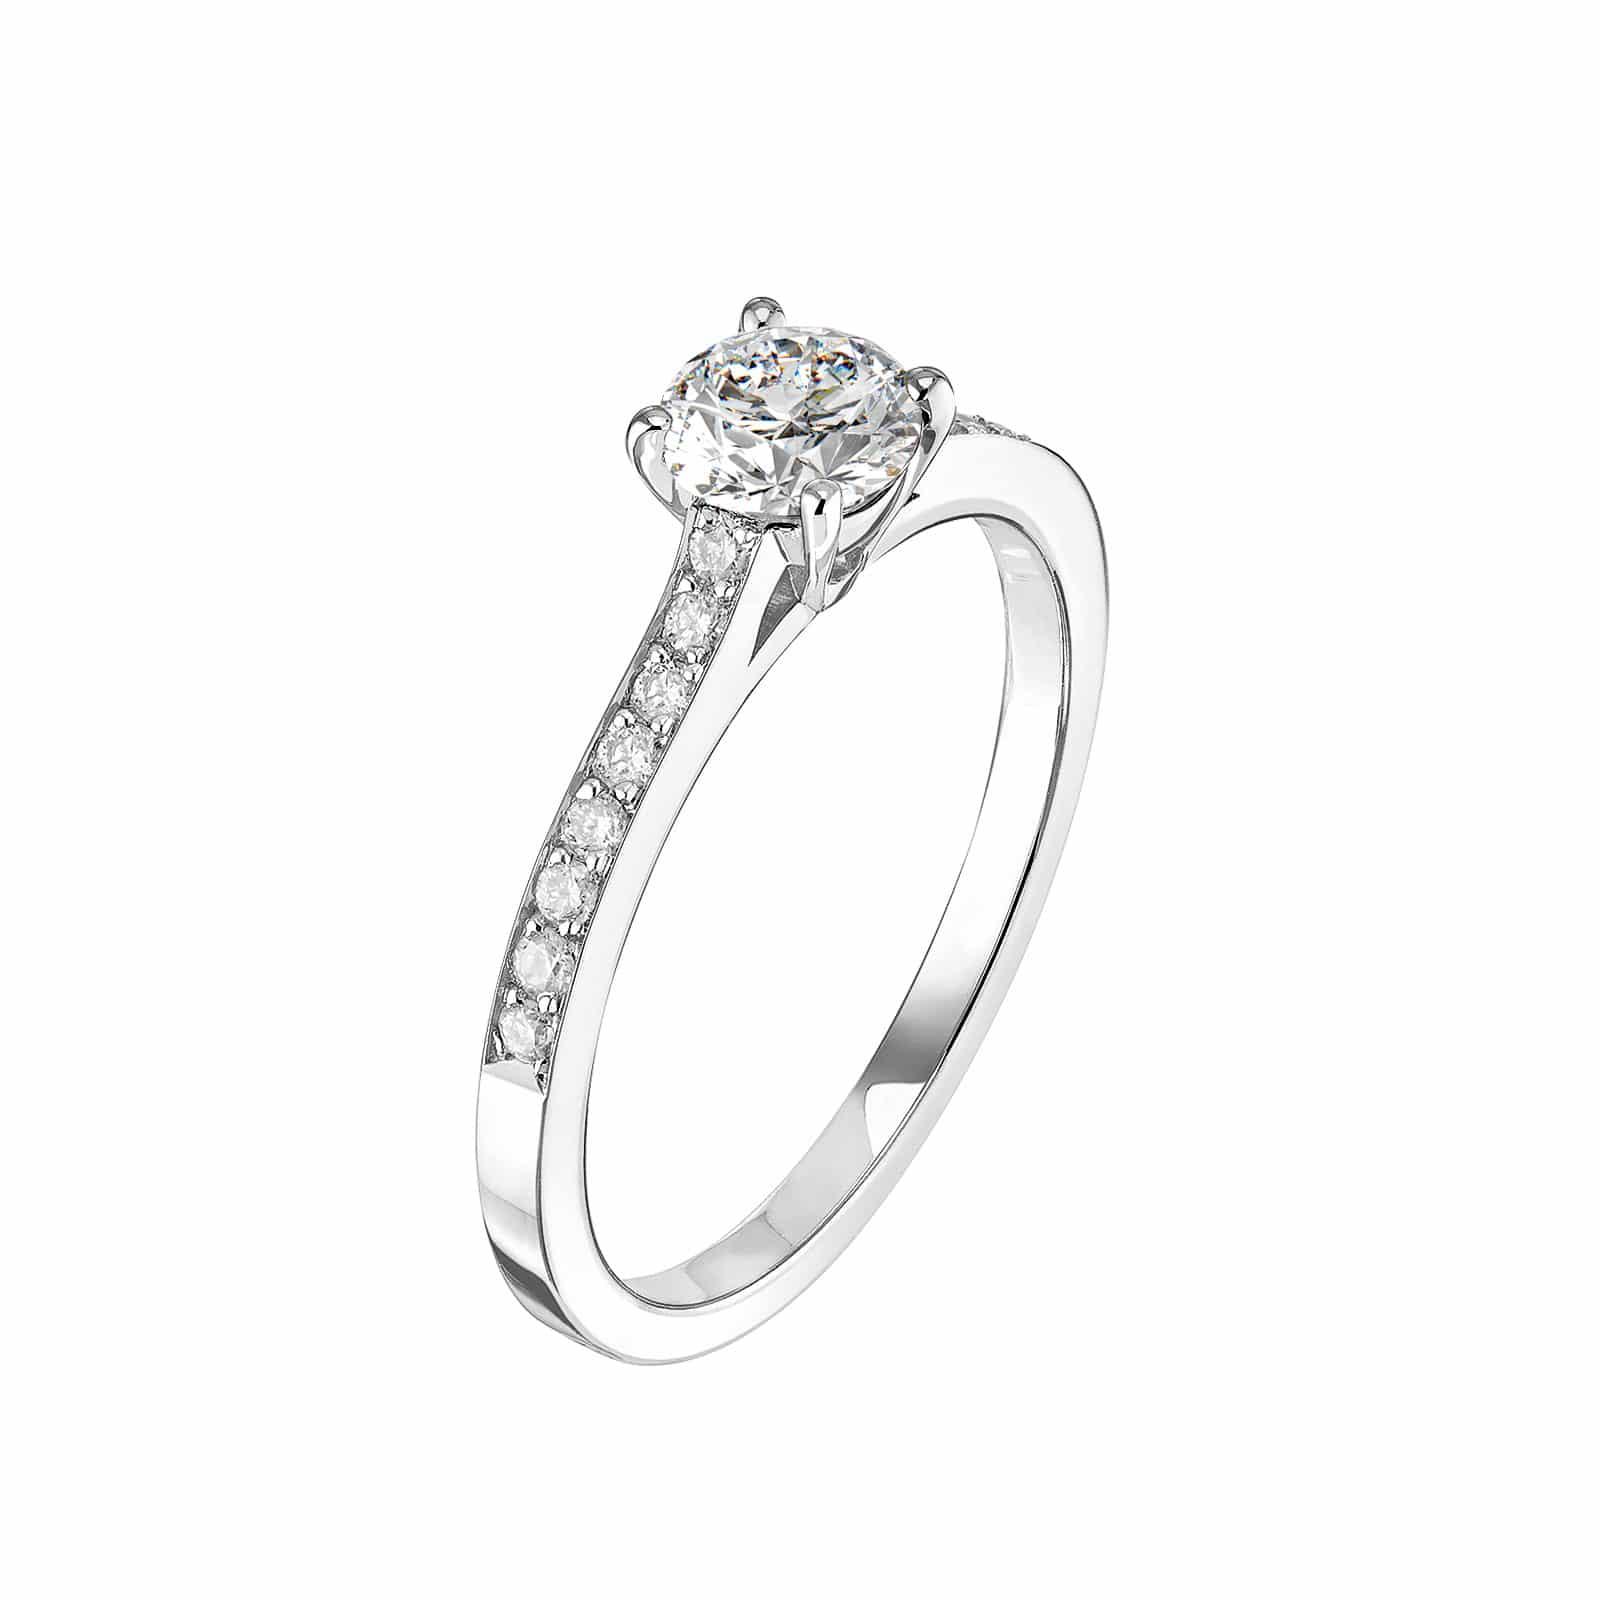 Alliance en or blanc tour complet avec trois ligne de diamants rond de 1,70 carats